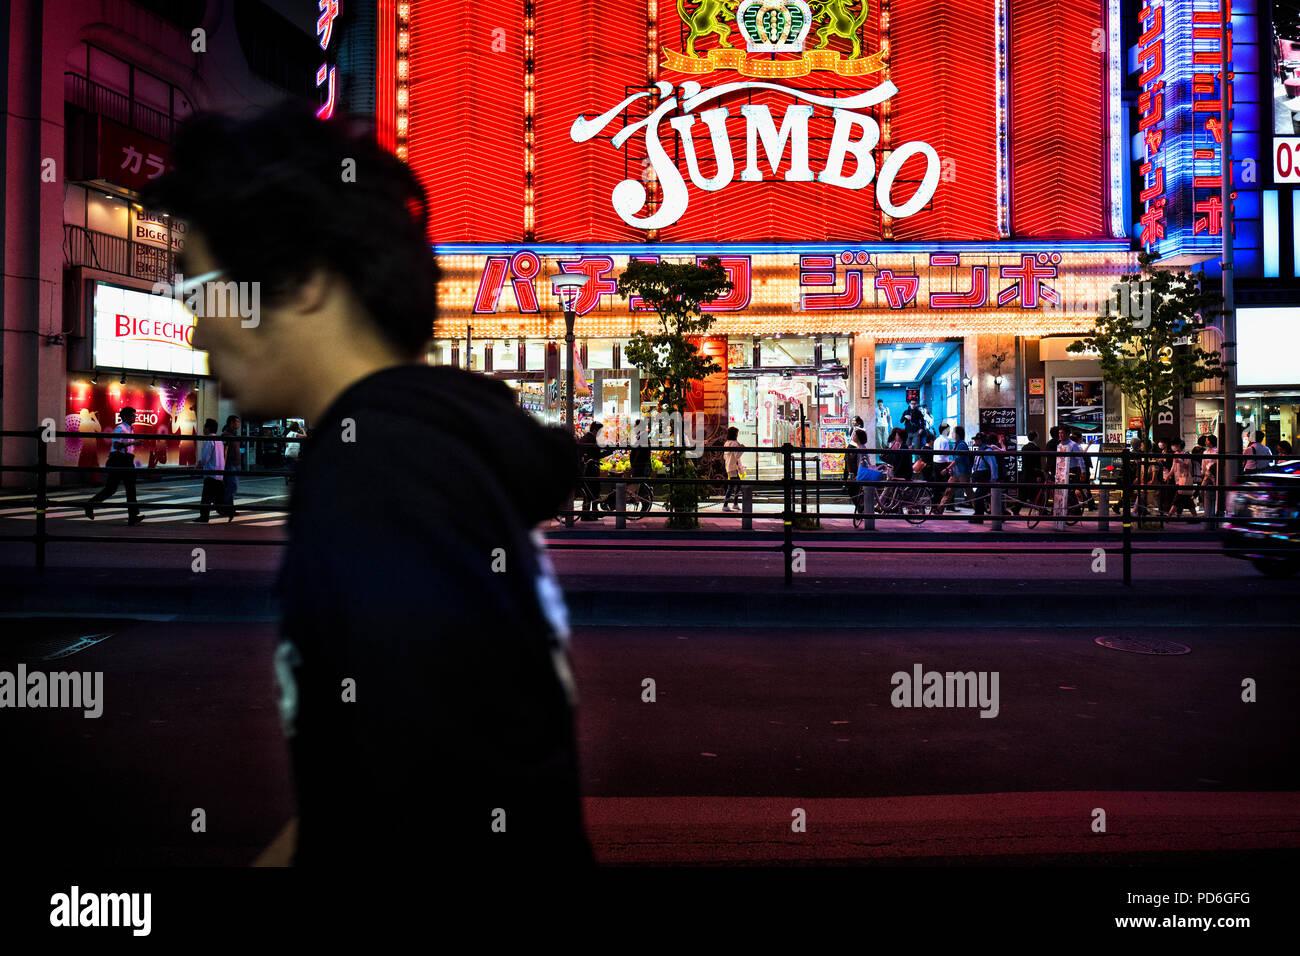 La isla de Japón, Honshu, Kanto, Tokio, por las calles por la noche en el distrito de Shinjuku. Imagen De Stock